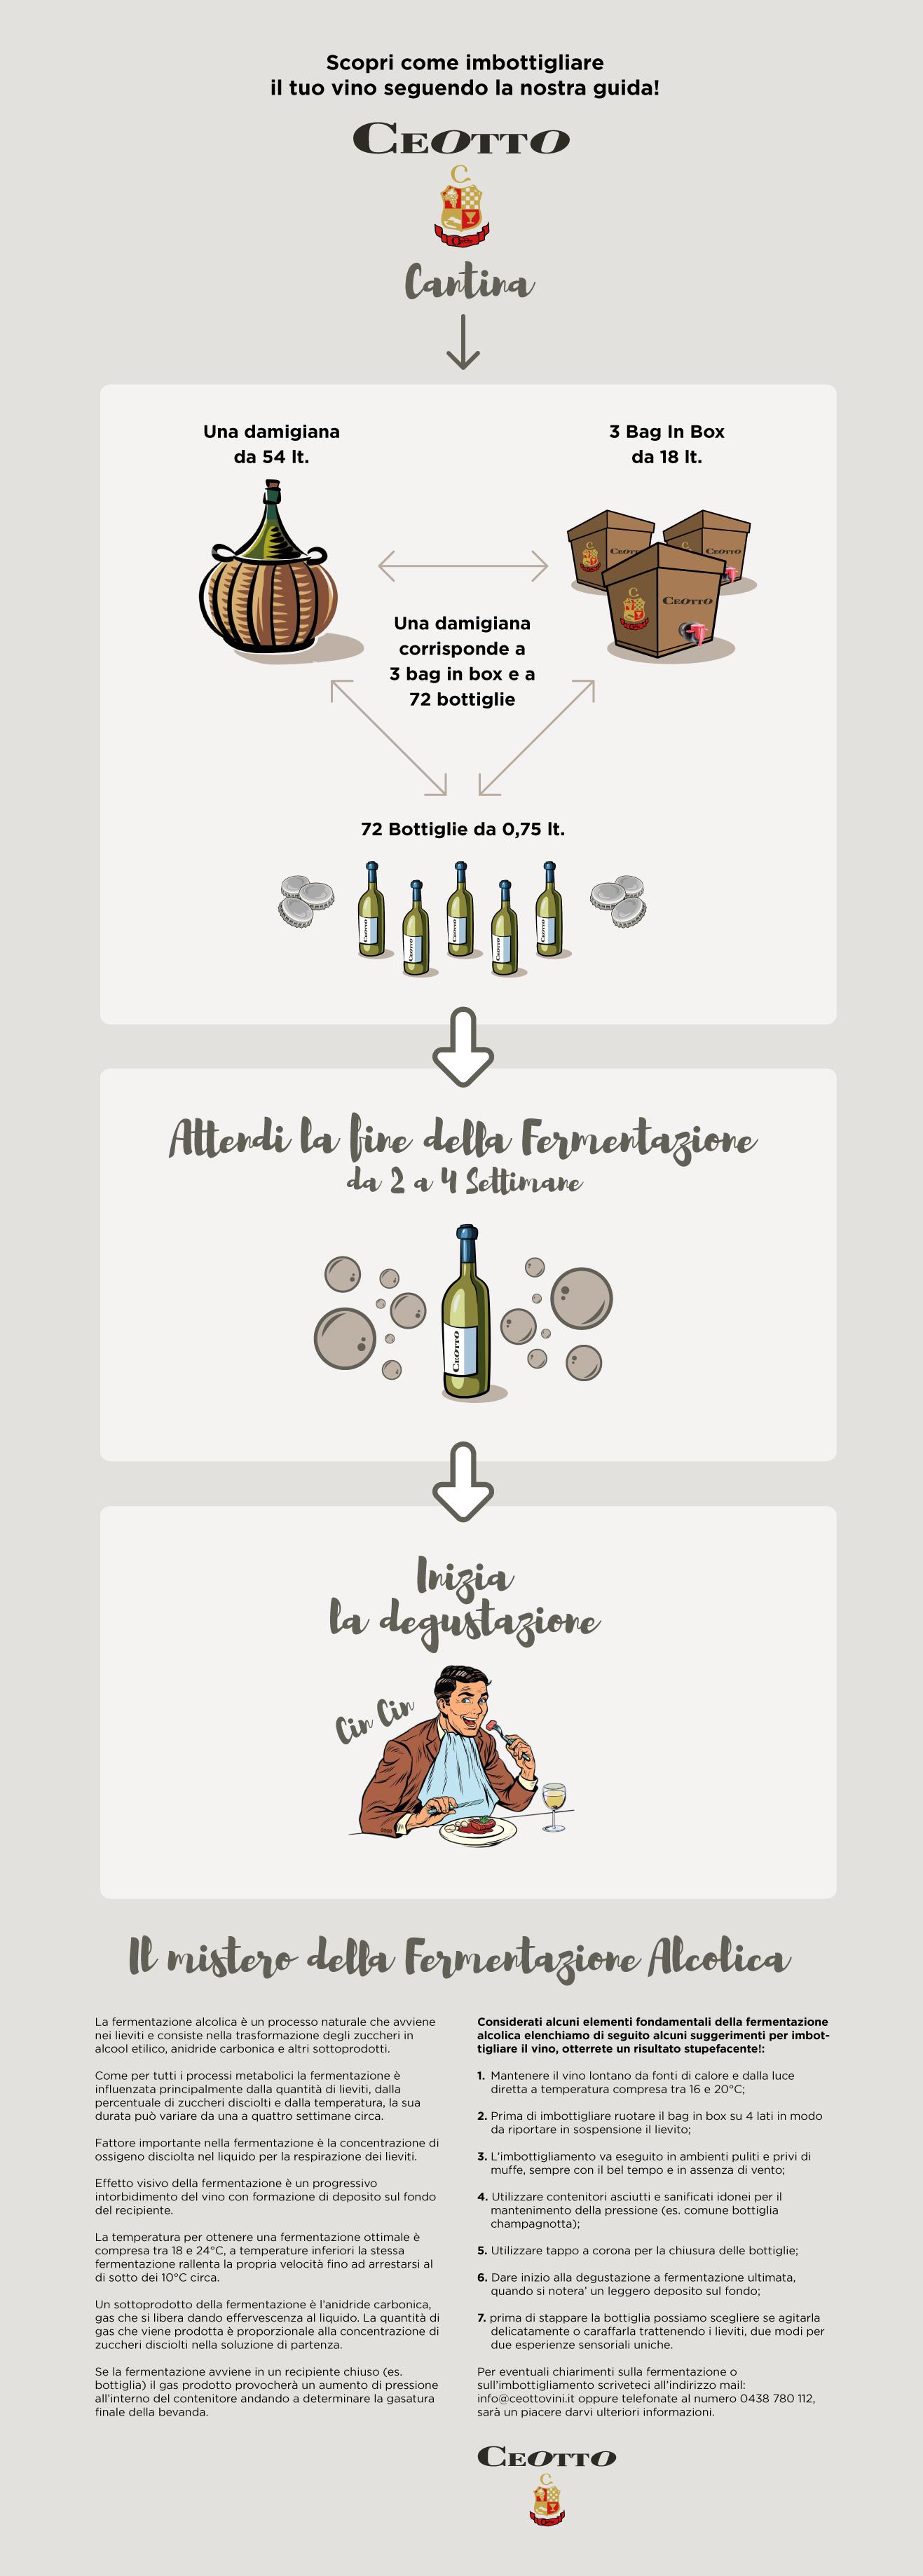 Ceotto Vini - Come Imbottigliare